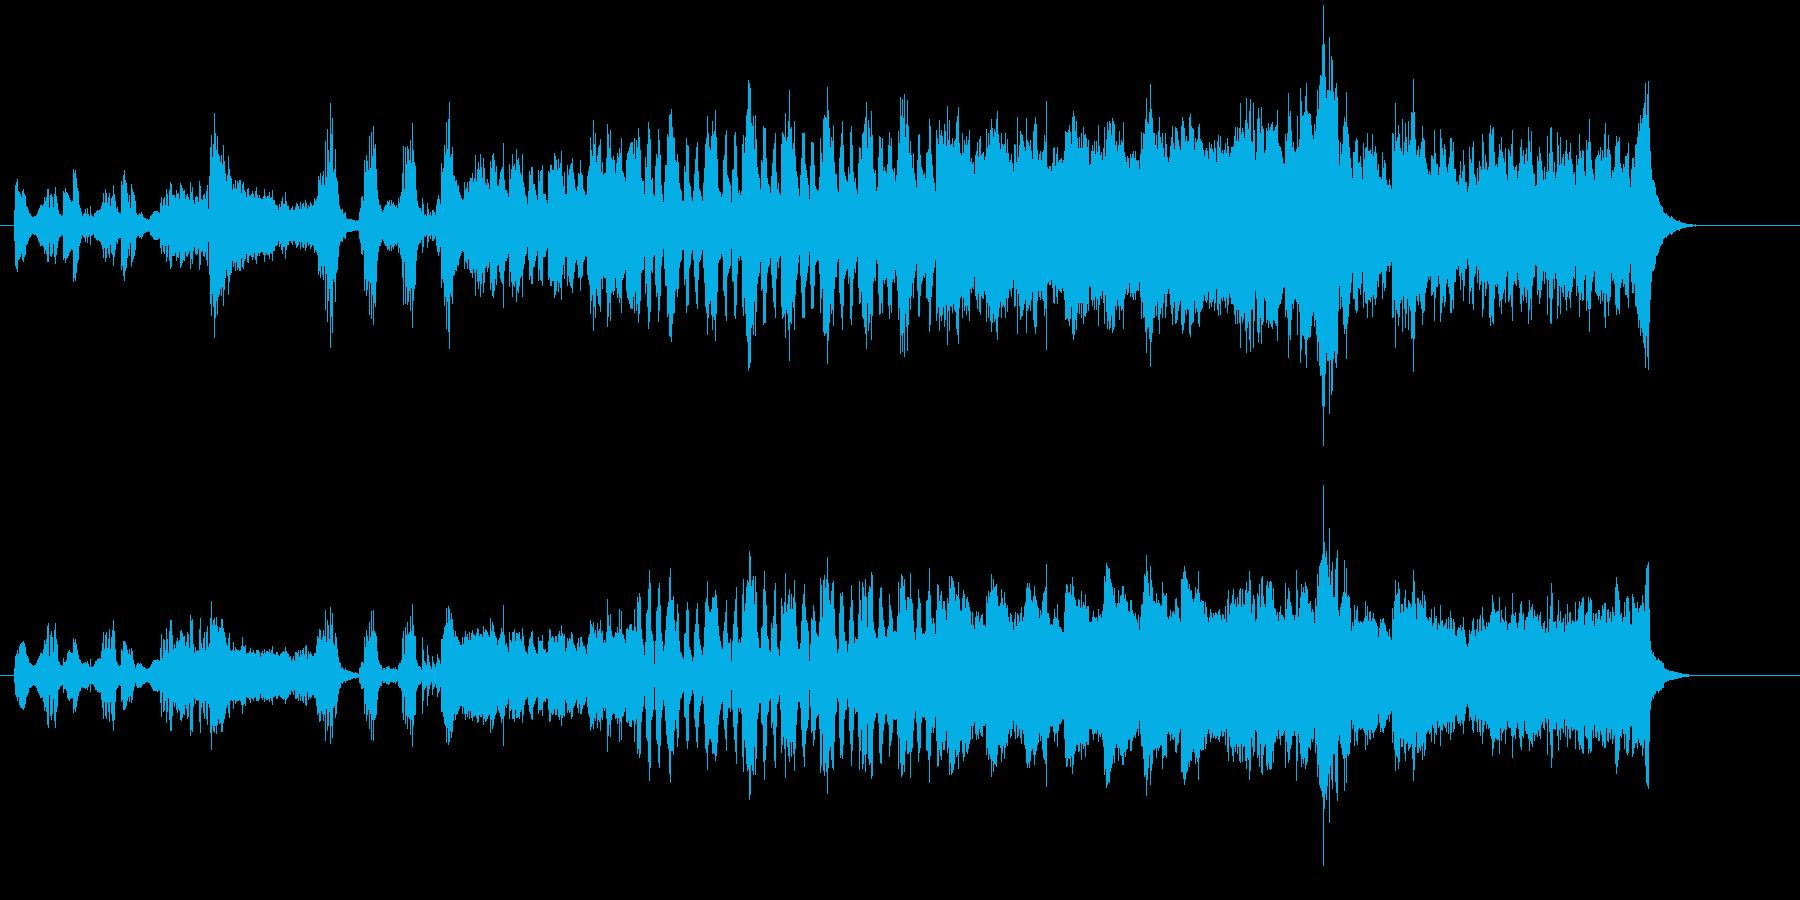 スクリーン・サウンド風の曲の再生済みの波形